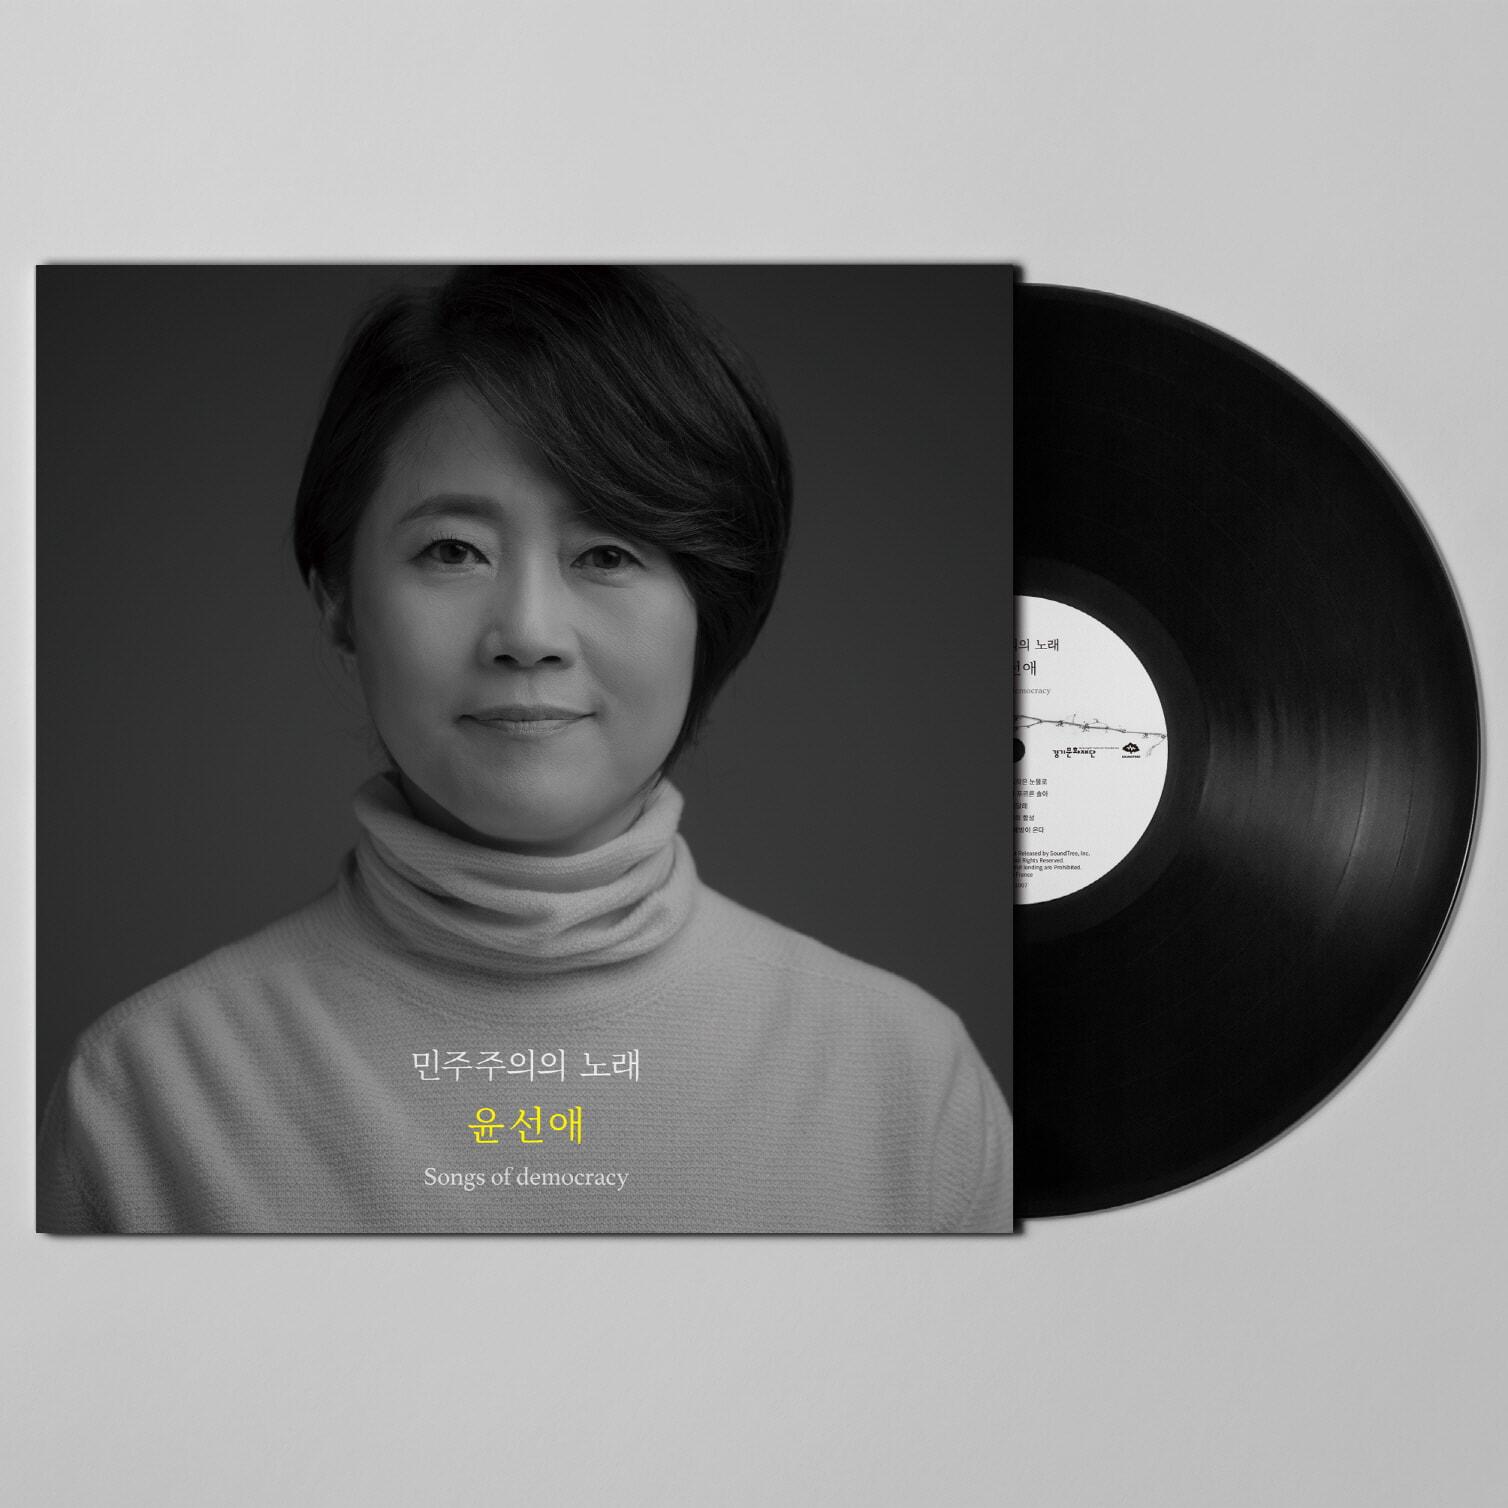 윤선애 - 민주주의의 노래 [LP]